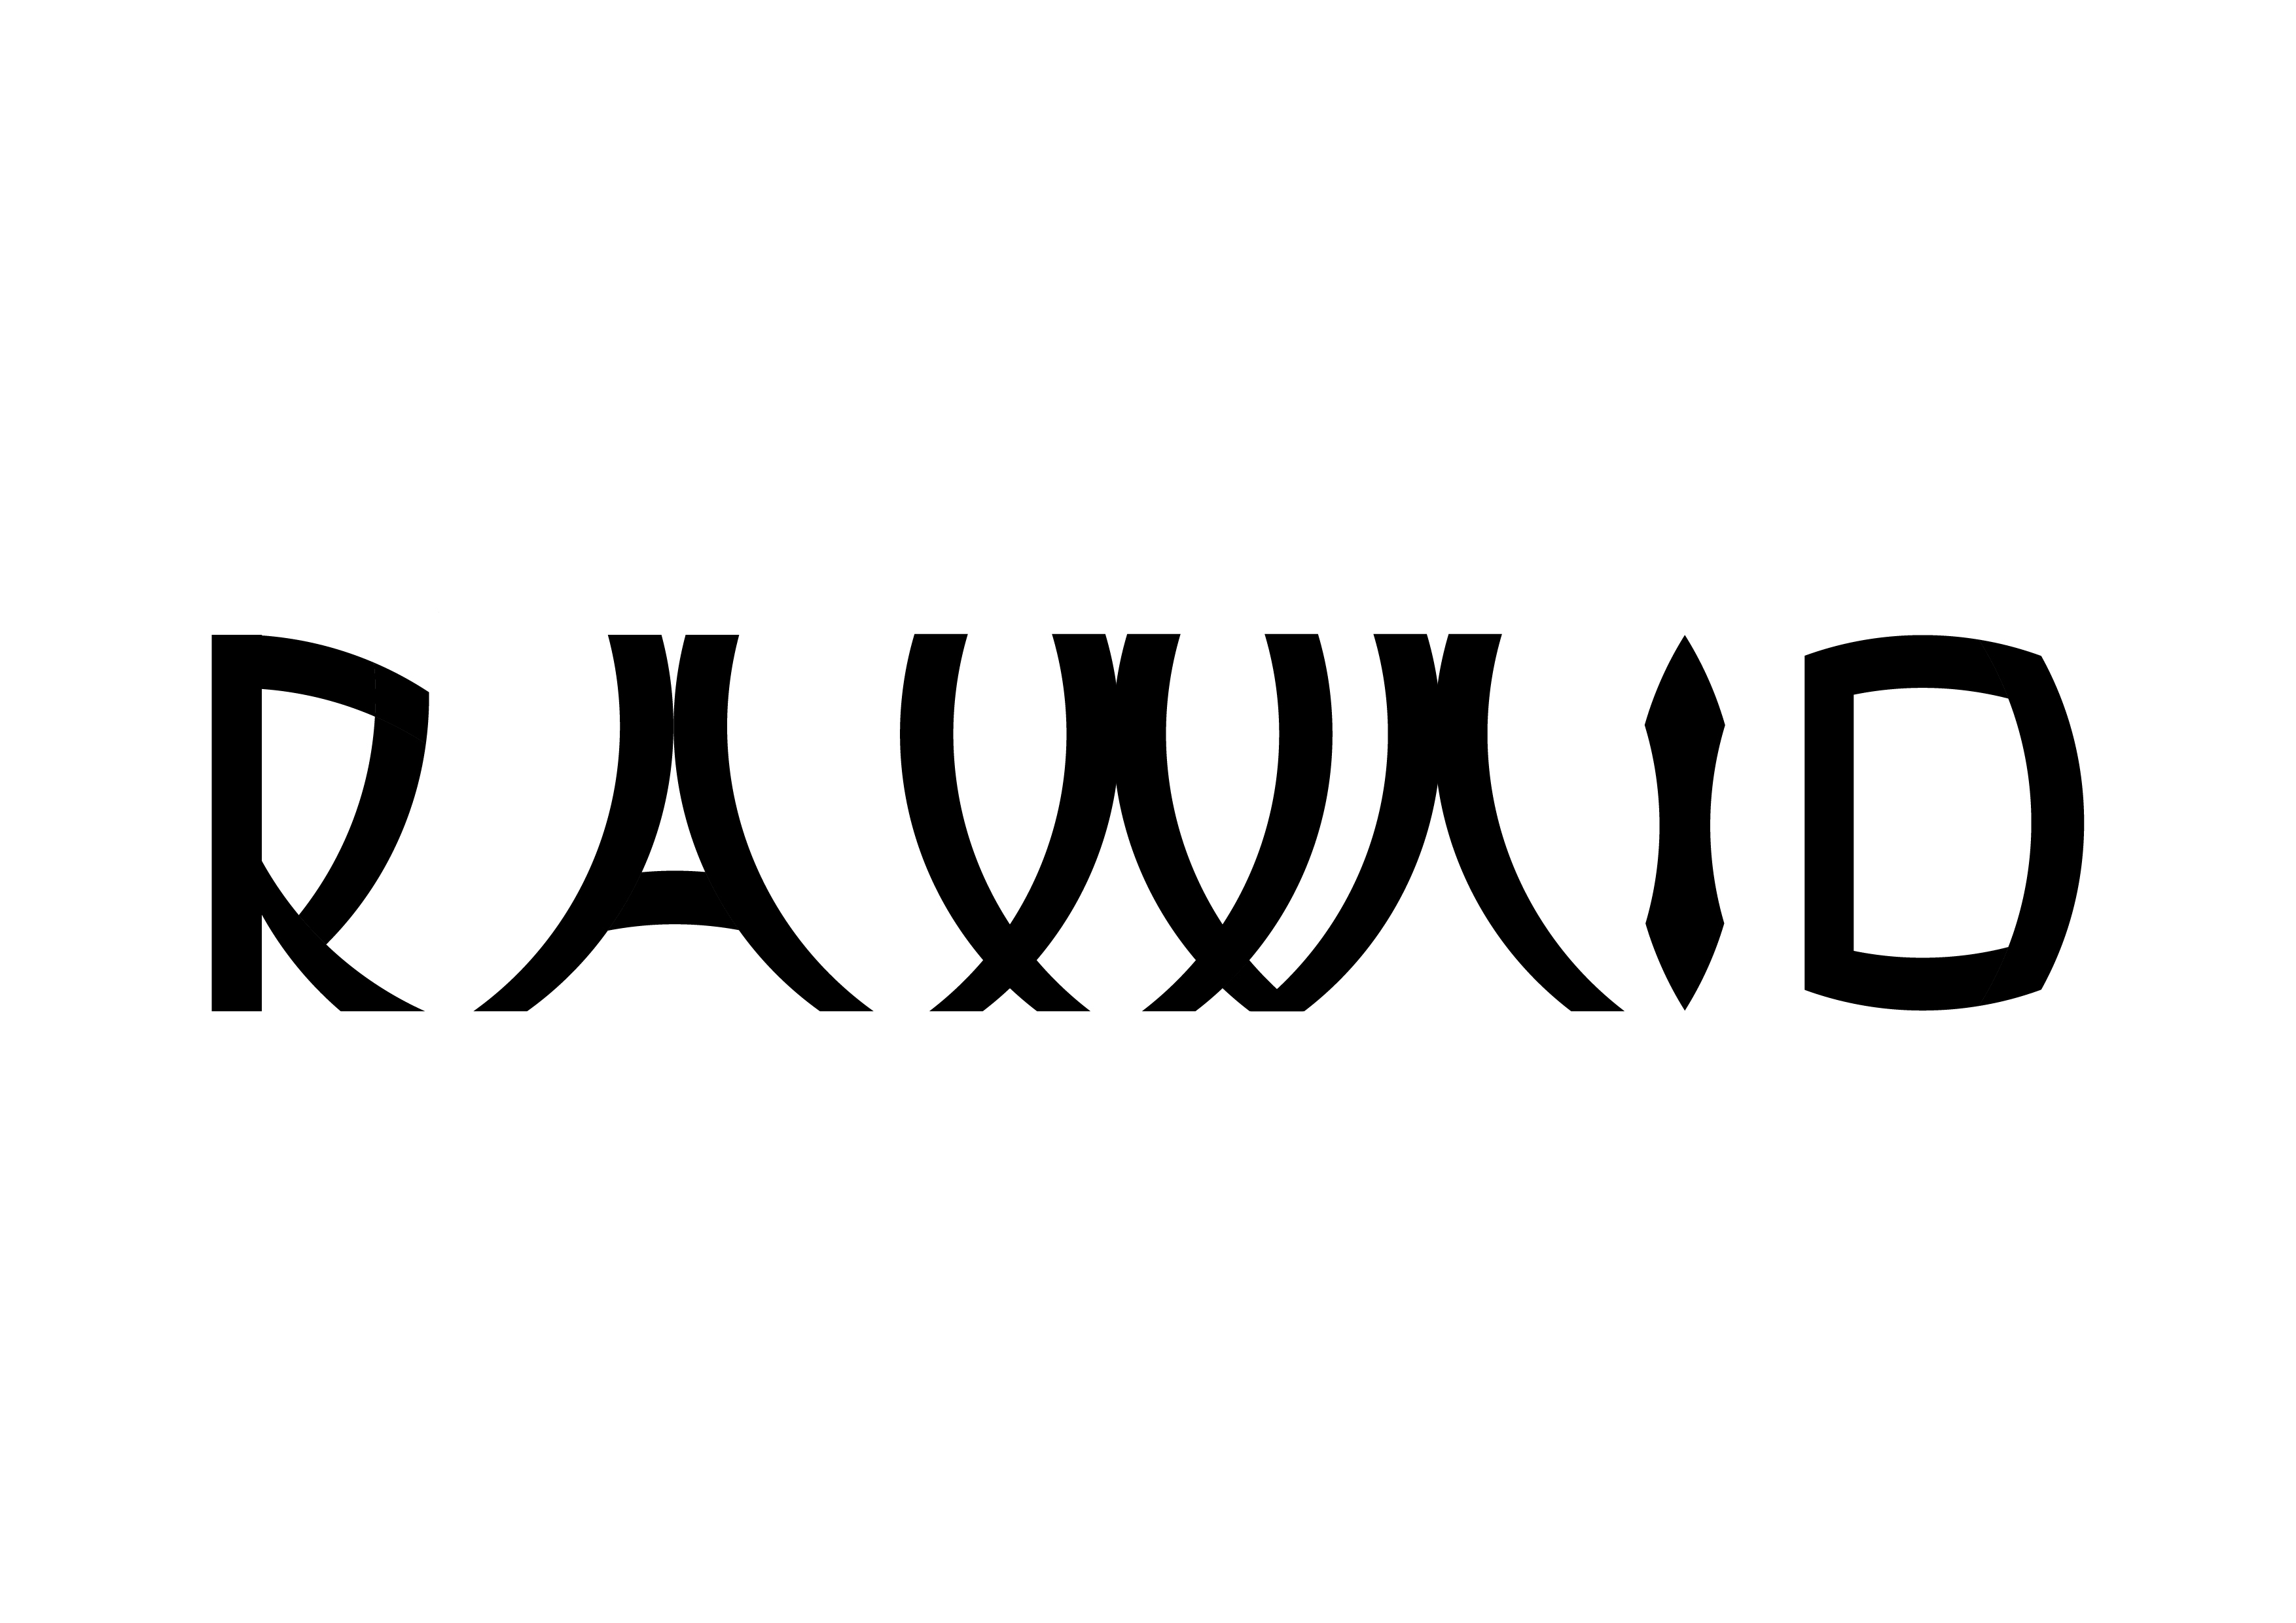 Создать логотип (буквенная часть) для бренда бытовой техники фото f_9005b3399b073180.jpg